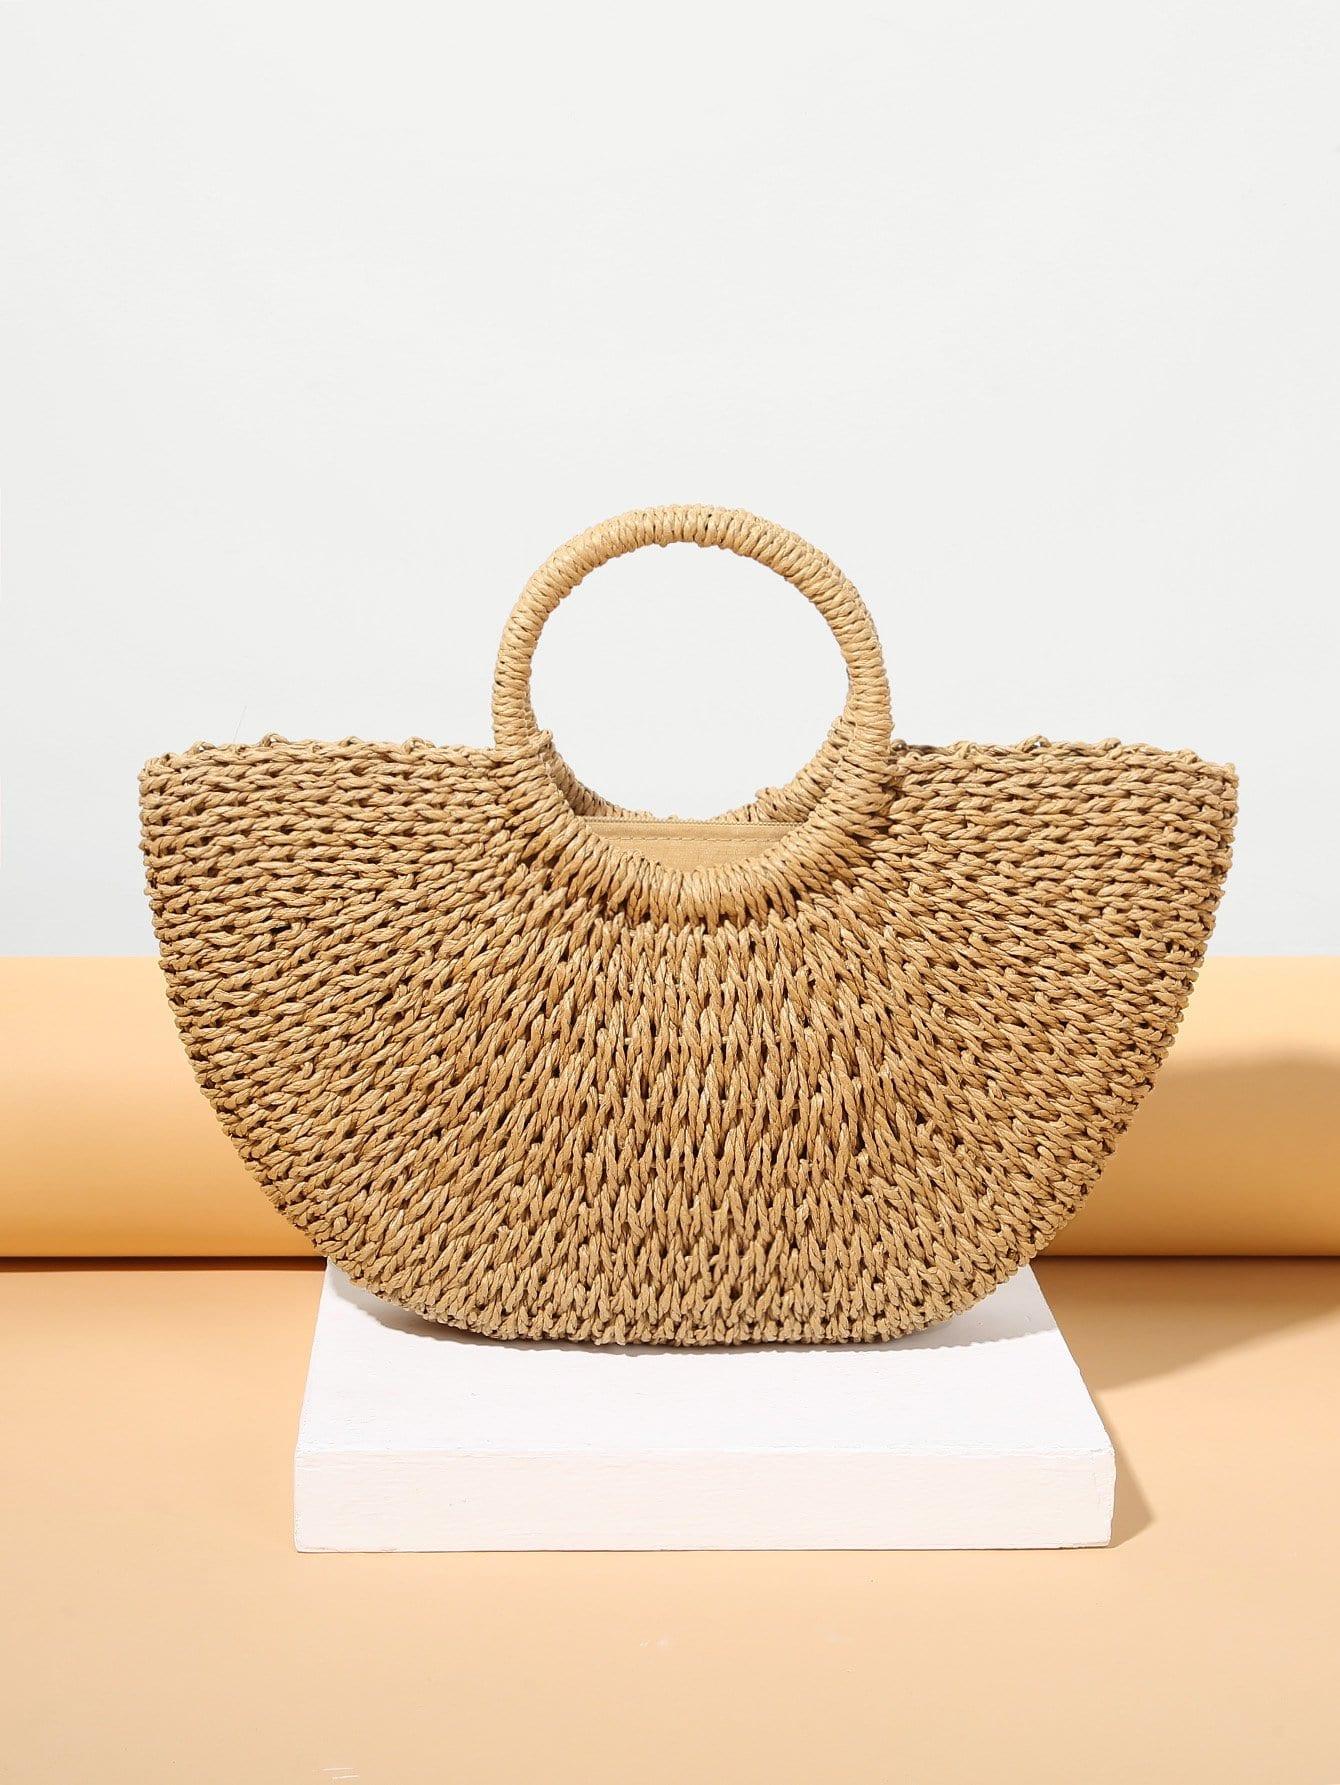 Woven Design Tote Bag woven textile design